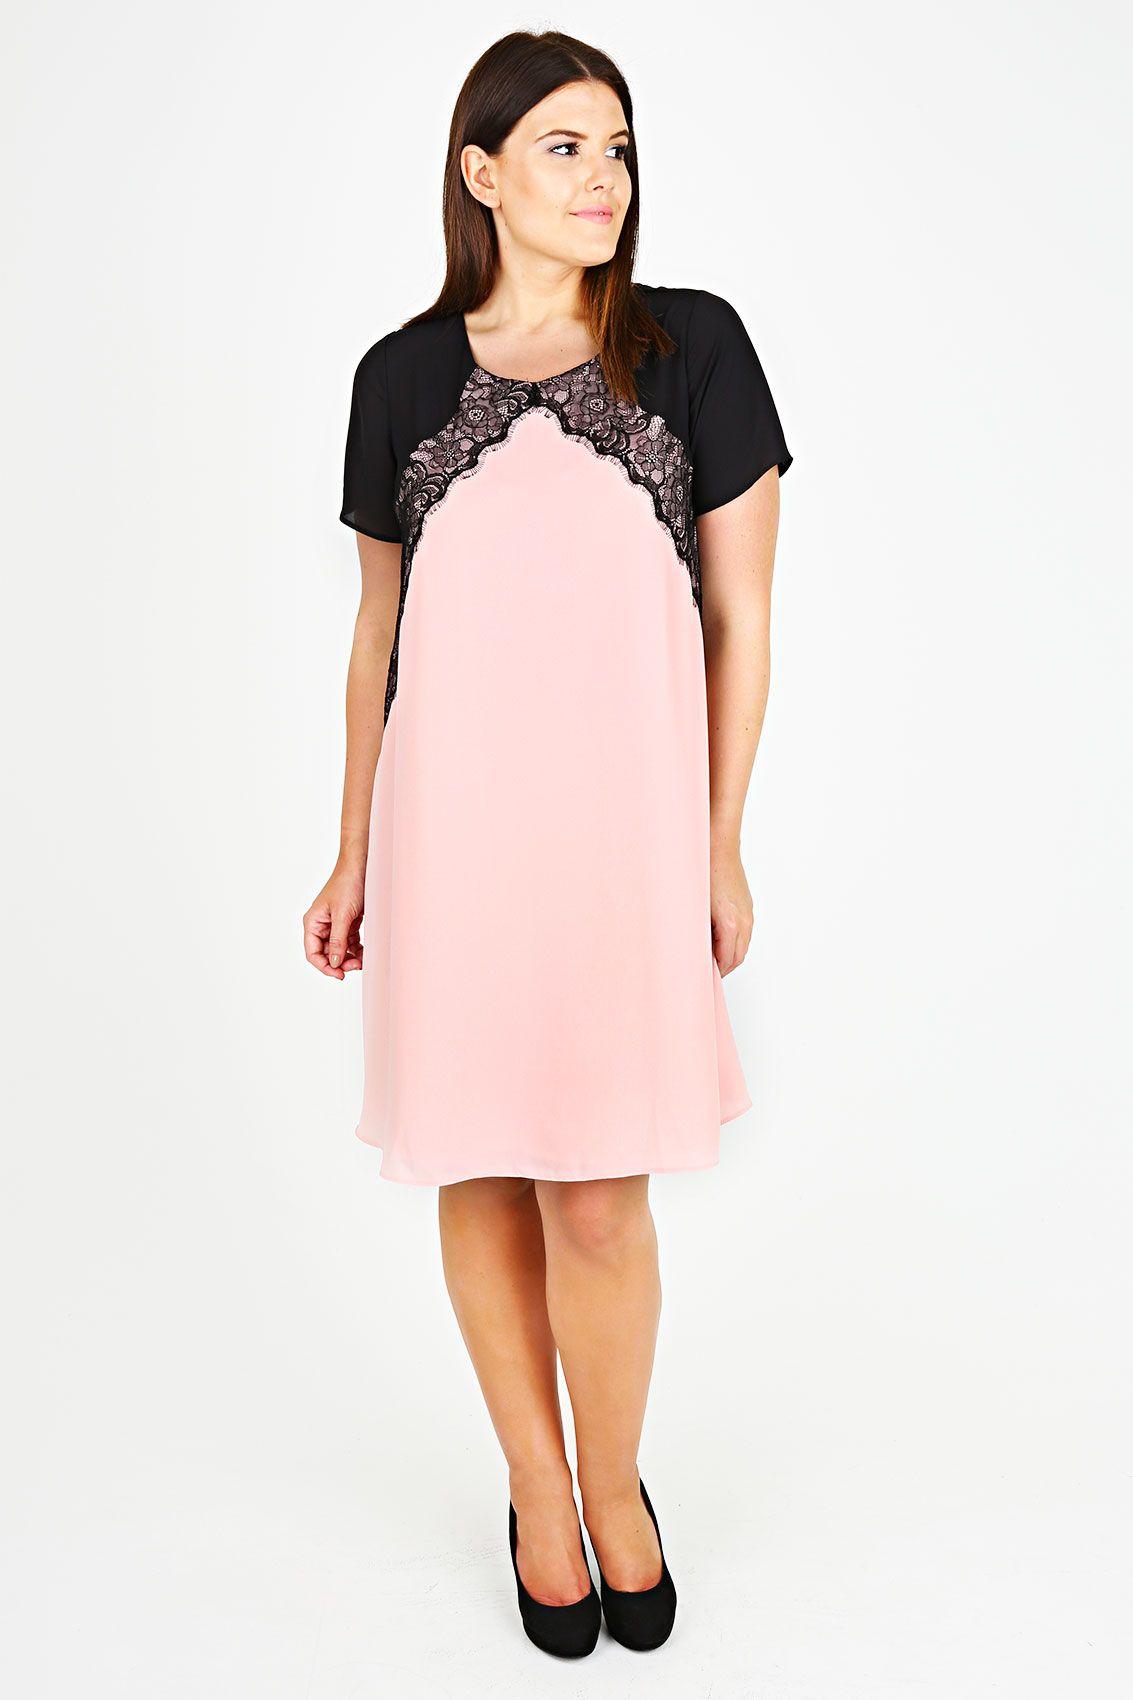 46f9f7b38b0 Pink Chiffon Swing Dress With Black Panels And Lace Trim plus size ...